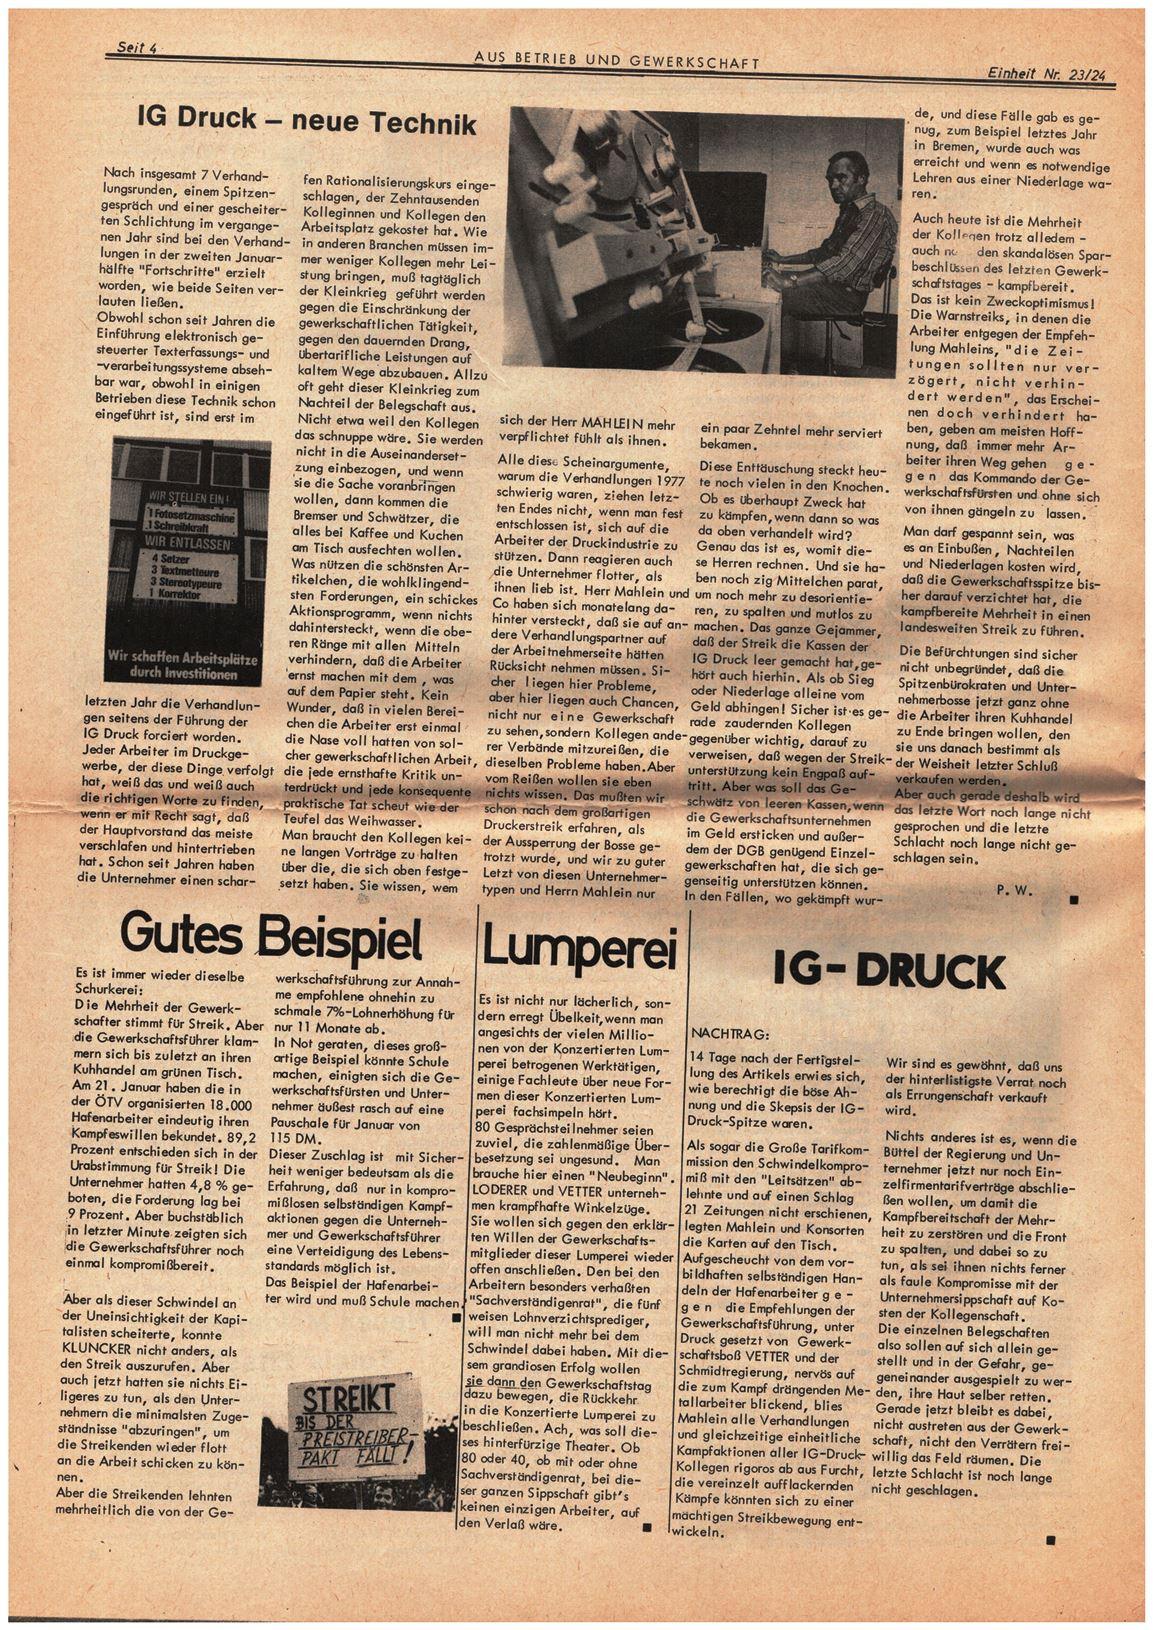 Koeln_IPdA_Einheit_1978_023_024_004